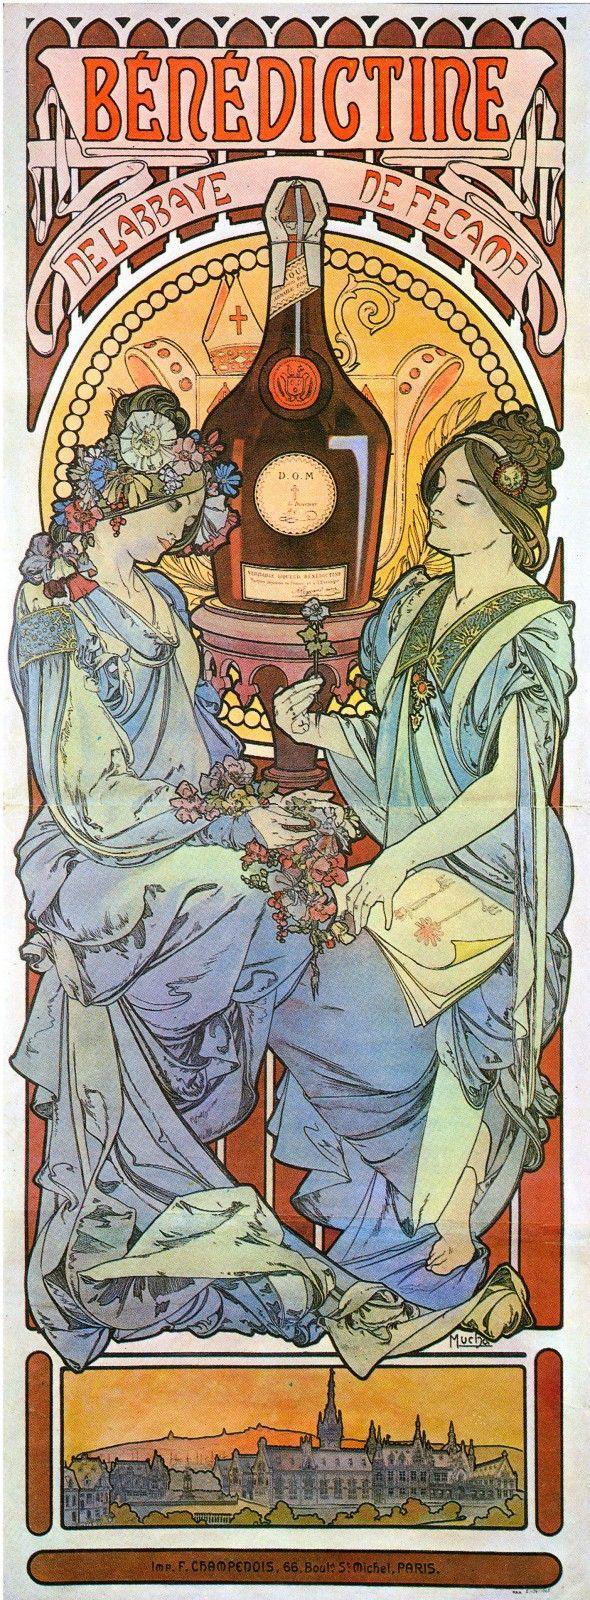 Alfons Mucha - Benedictine & Nectar